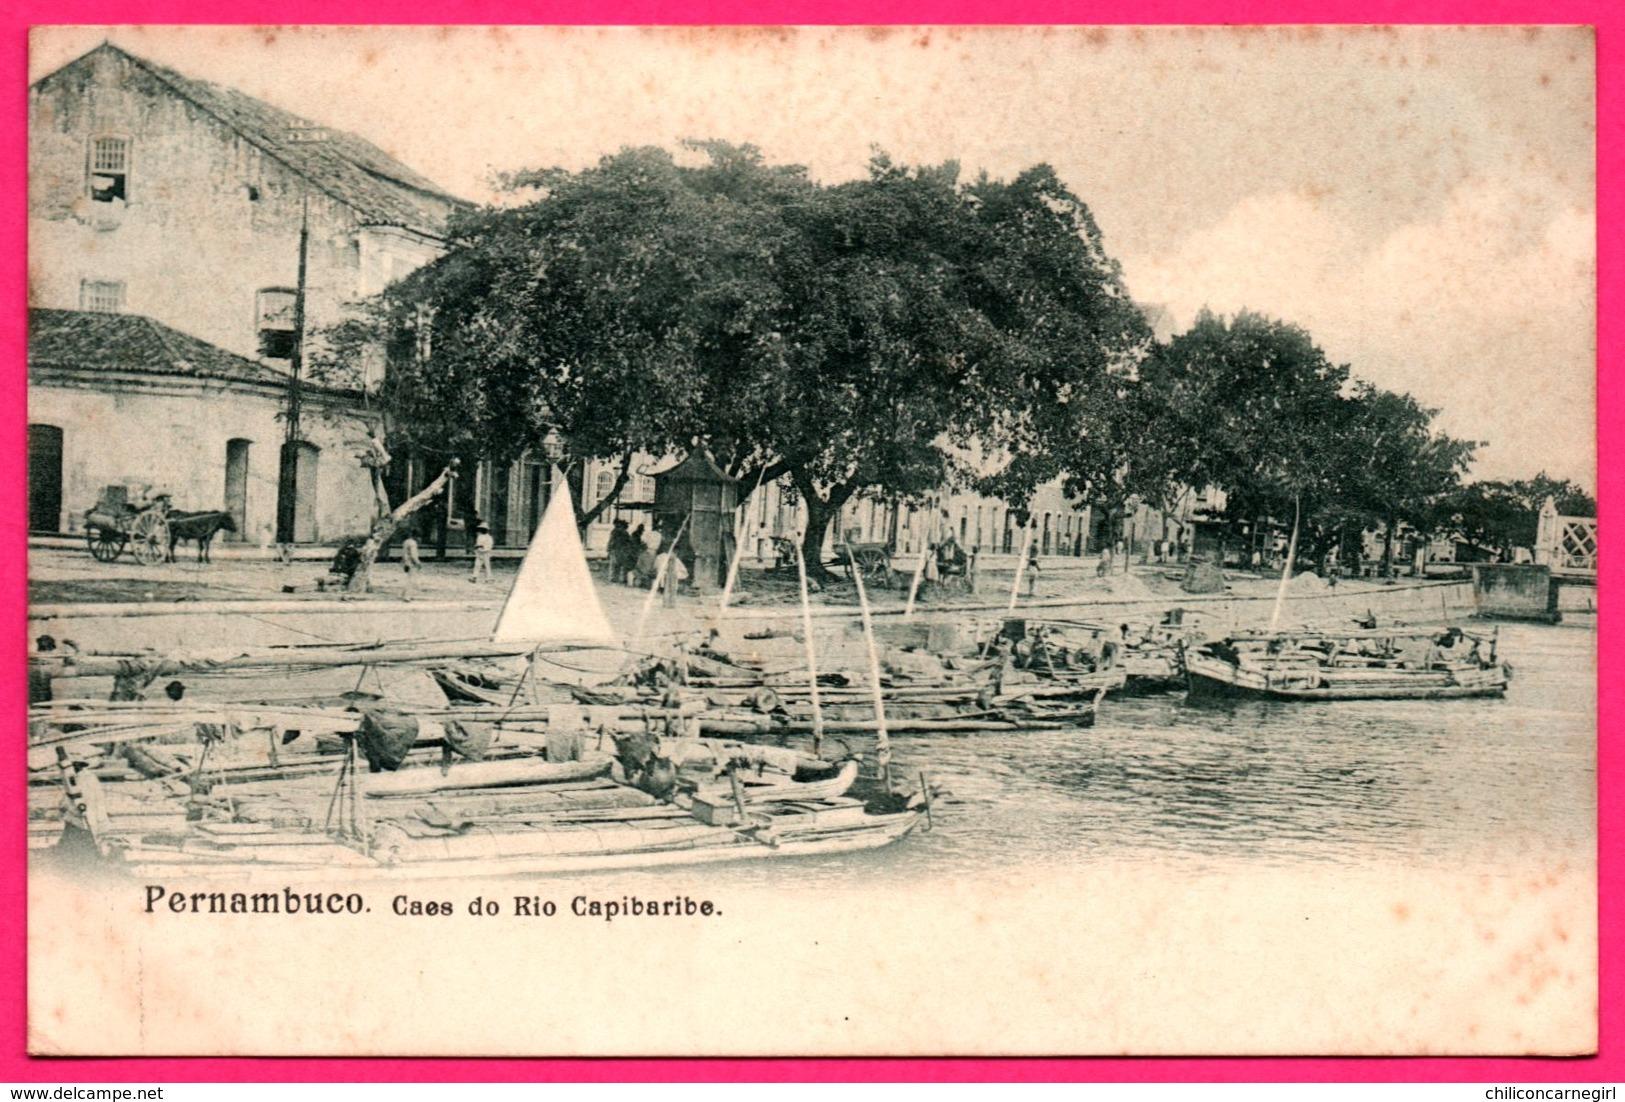 Brésil - Pernambuco - Caes Do Rio Capibaribe - Barque - Pirogue - Animée - Attelage - Recife